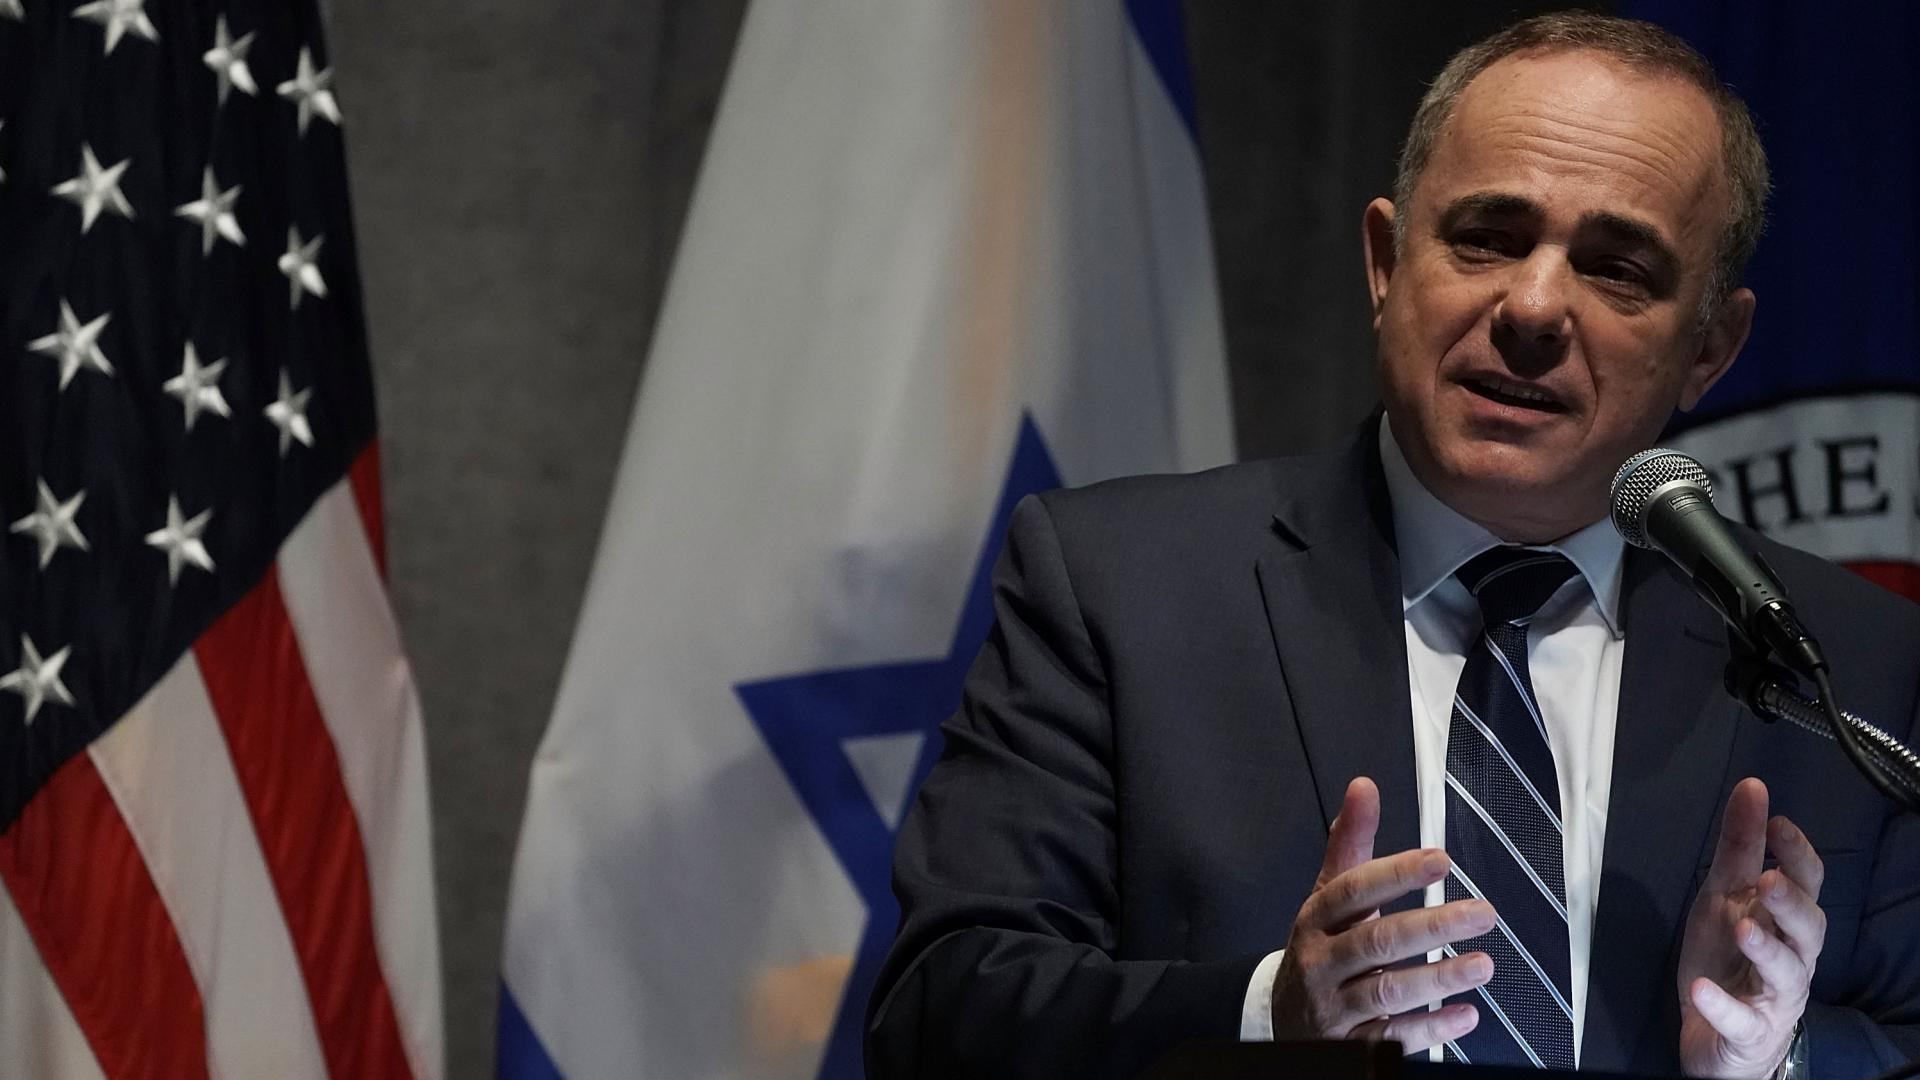 مصر تدعو أول وزير إسرائيلي لزيارتها منذ ثورة يناير.. والأخير: علامة بارزة في العلاقات الثنائية